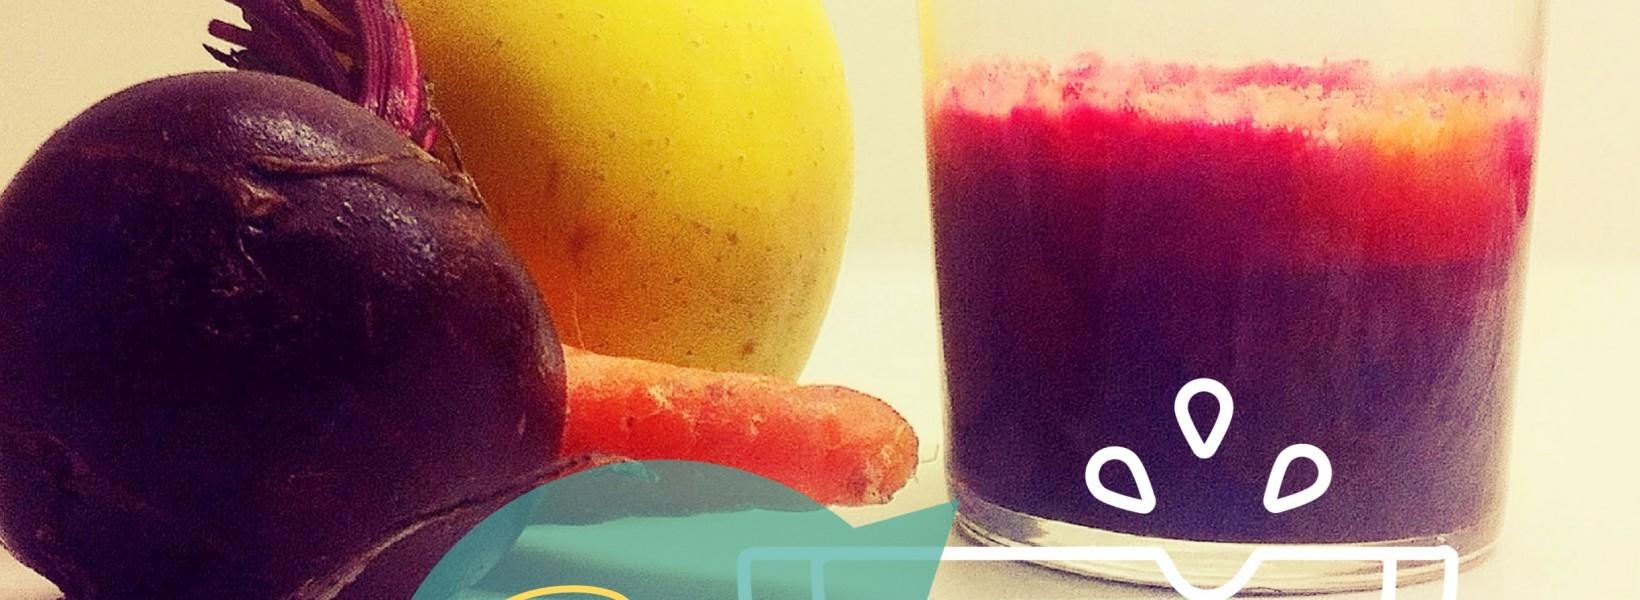 Receta mágica: Batido de Manzana, zanahoria y remolacha